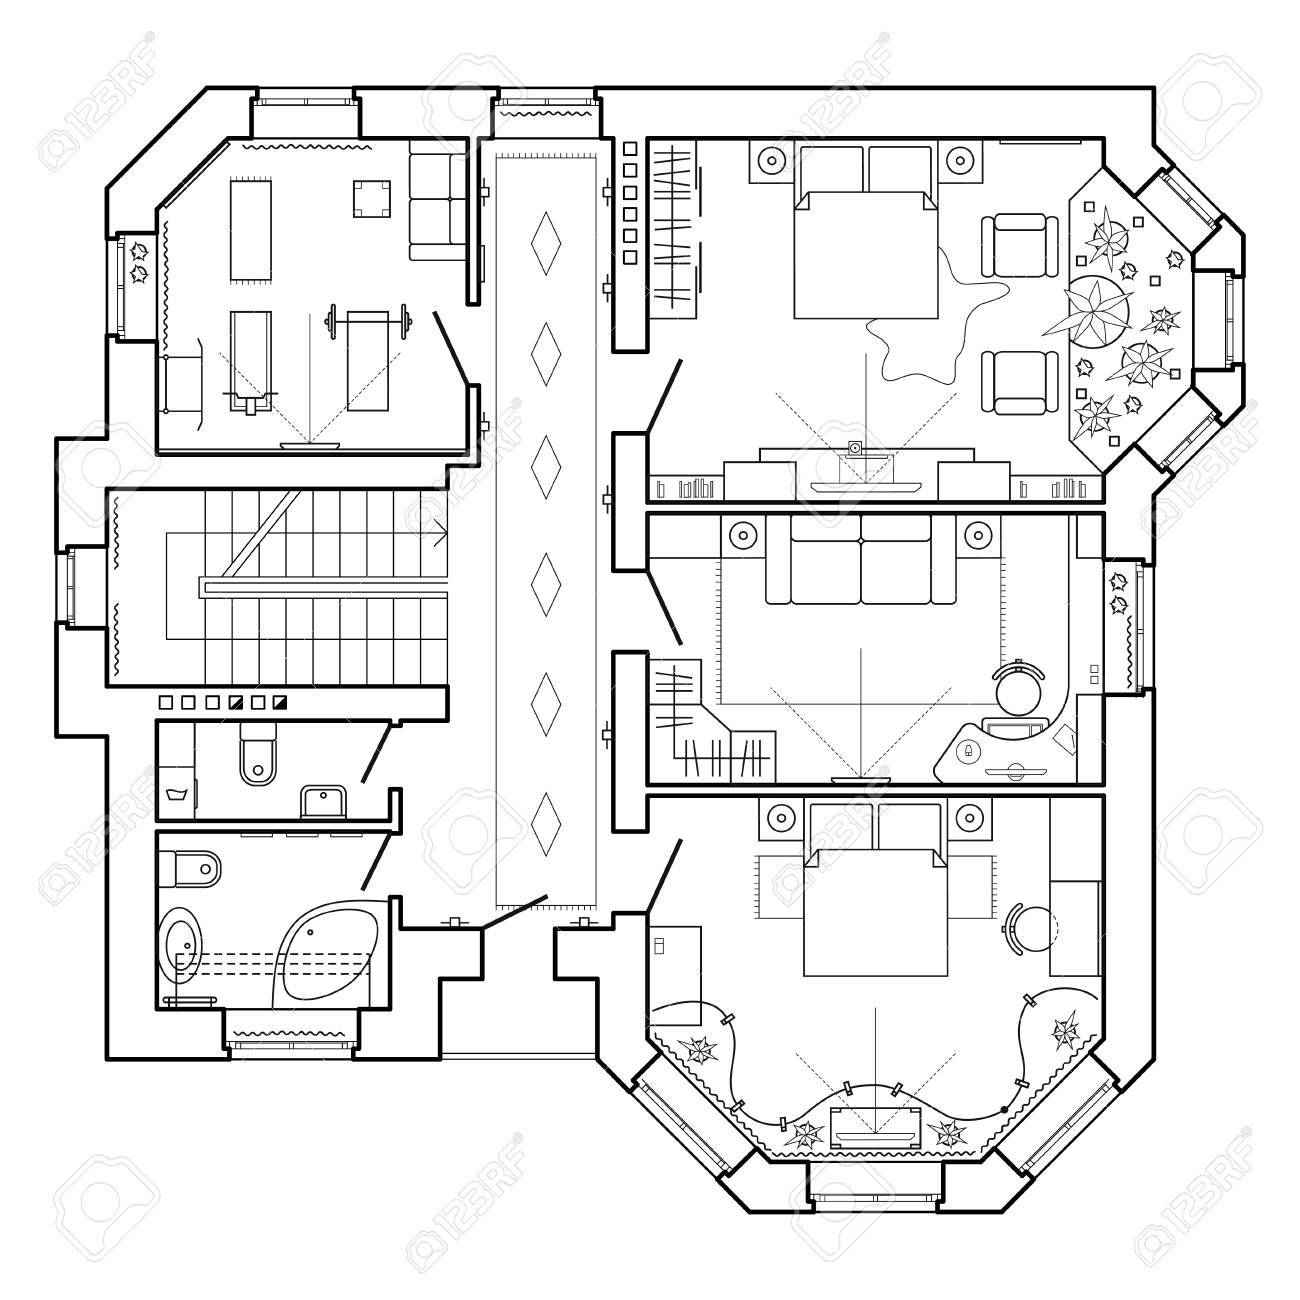 Icones De Plan D Etage Plan Architectural Noir Et Blanc D Une